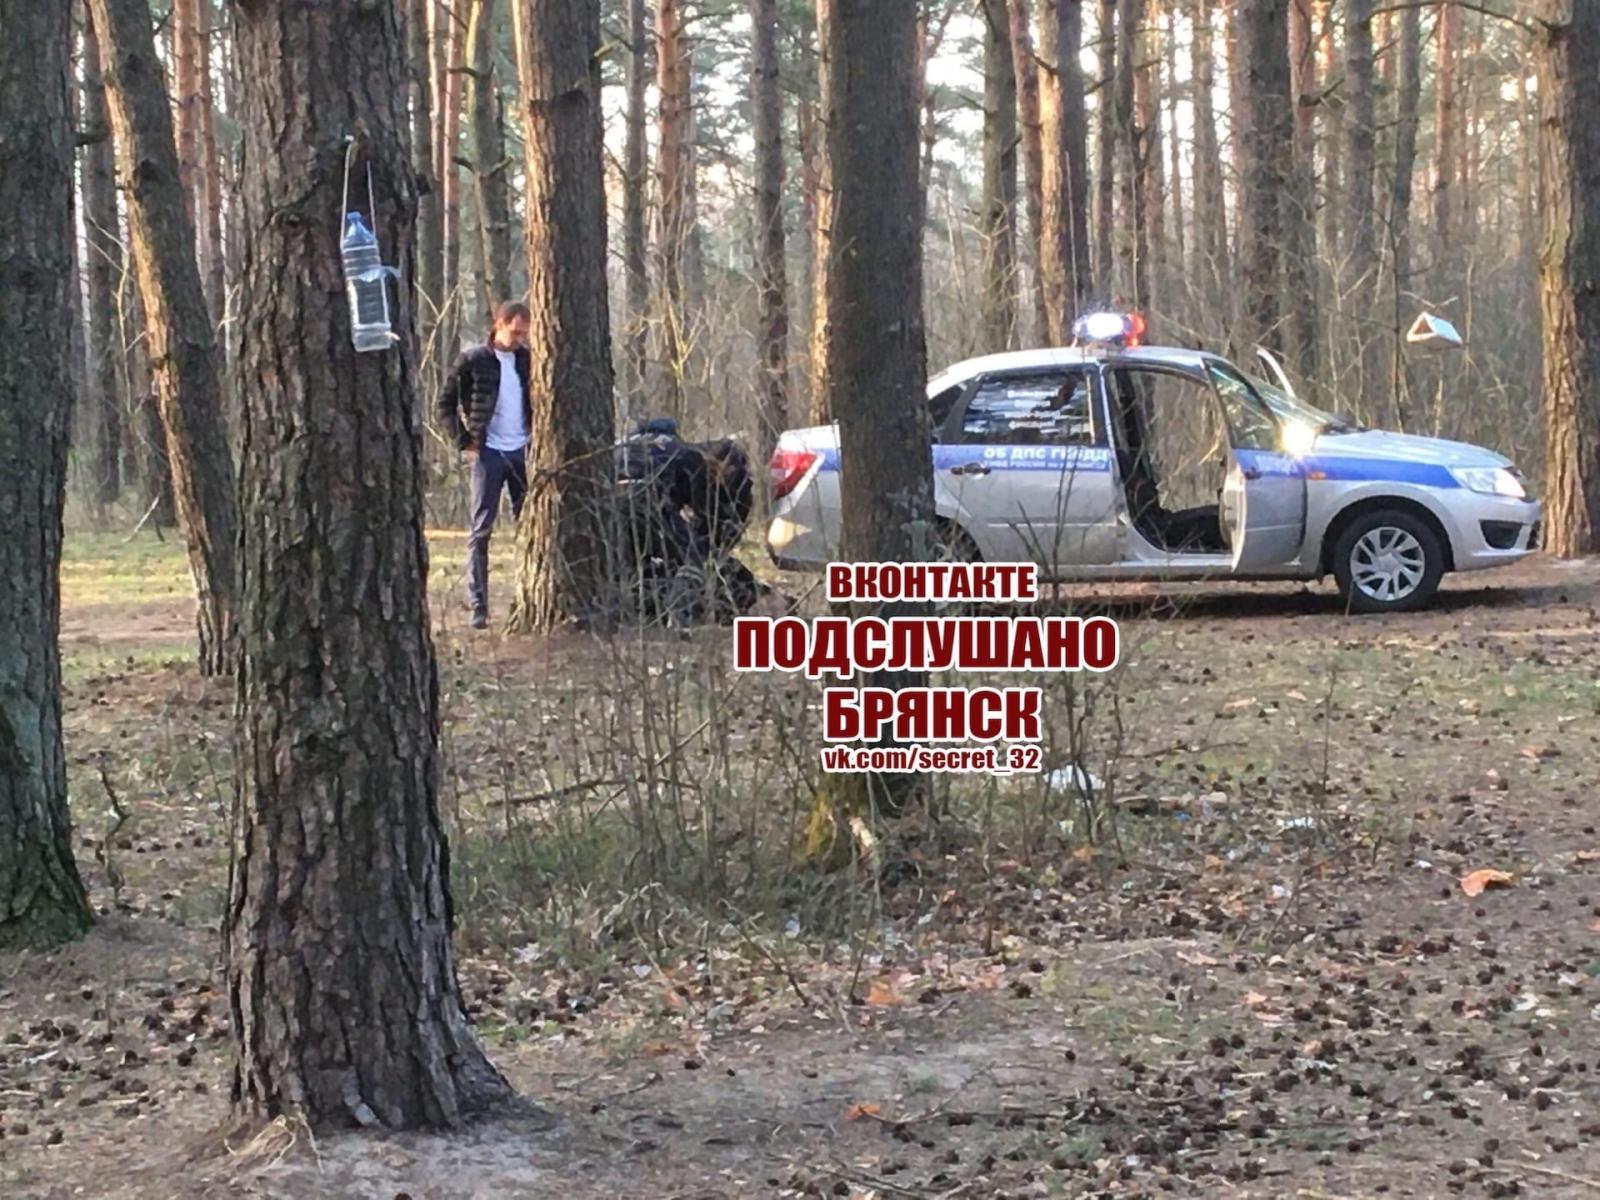 В Брянске пьяный водитель устроил гонки с ДПС